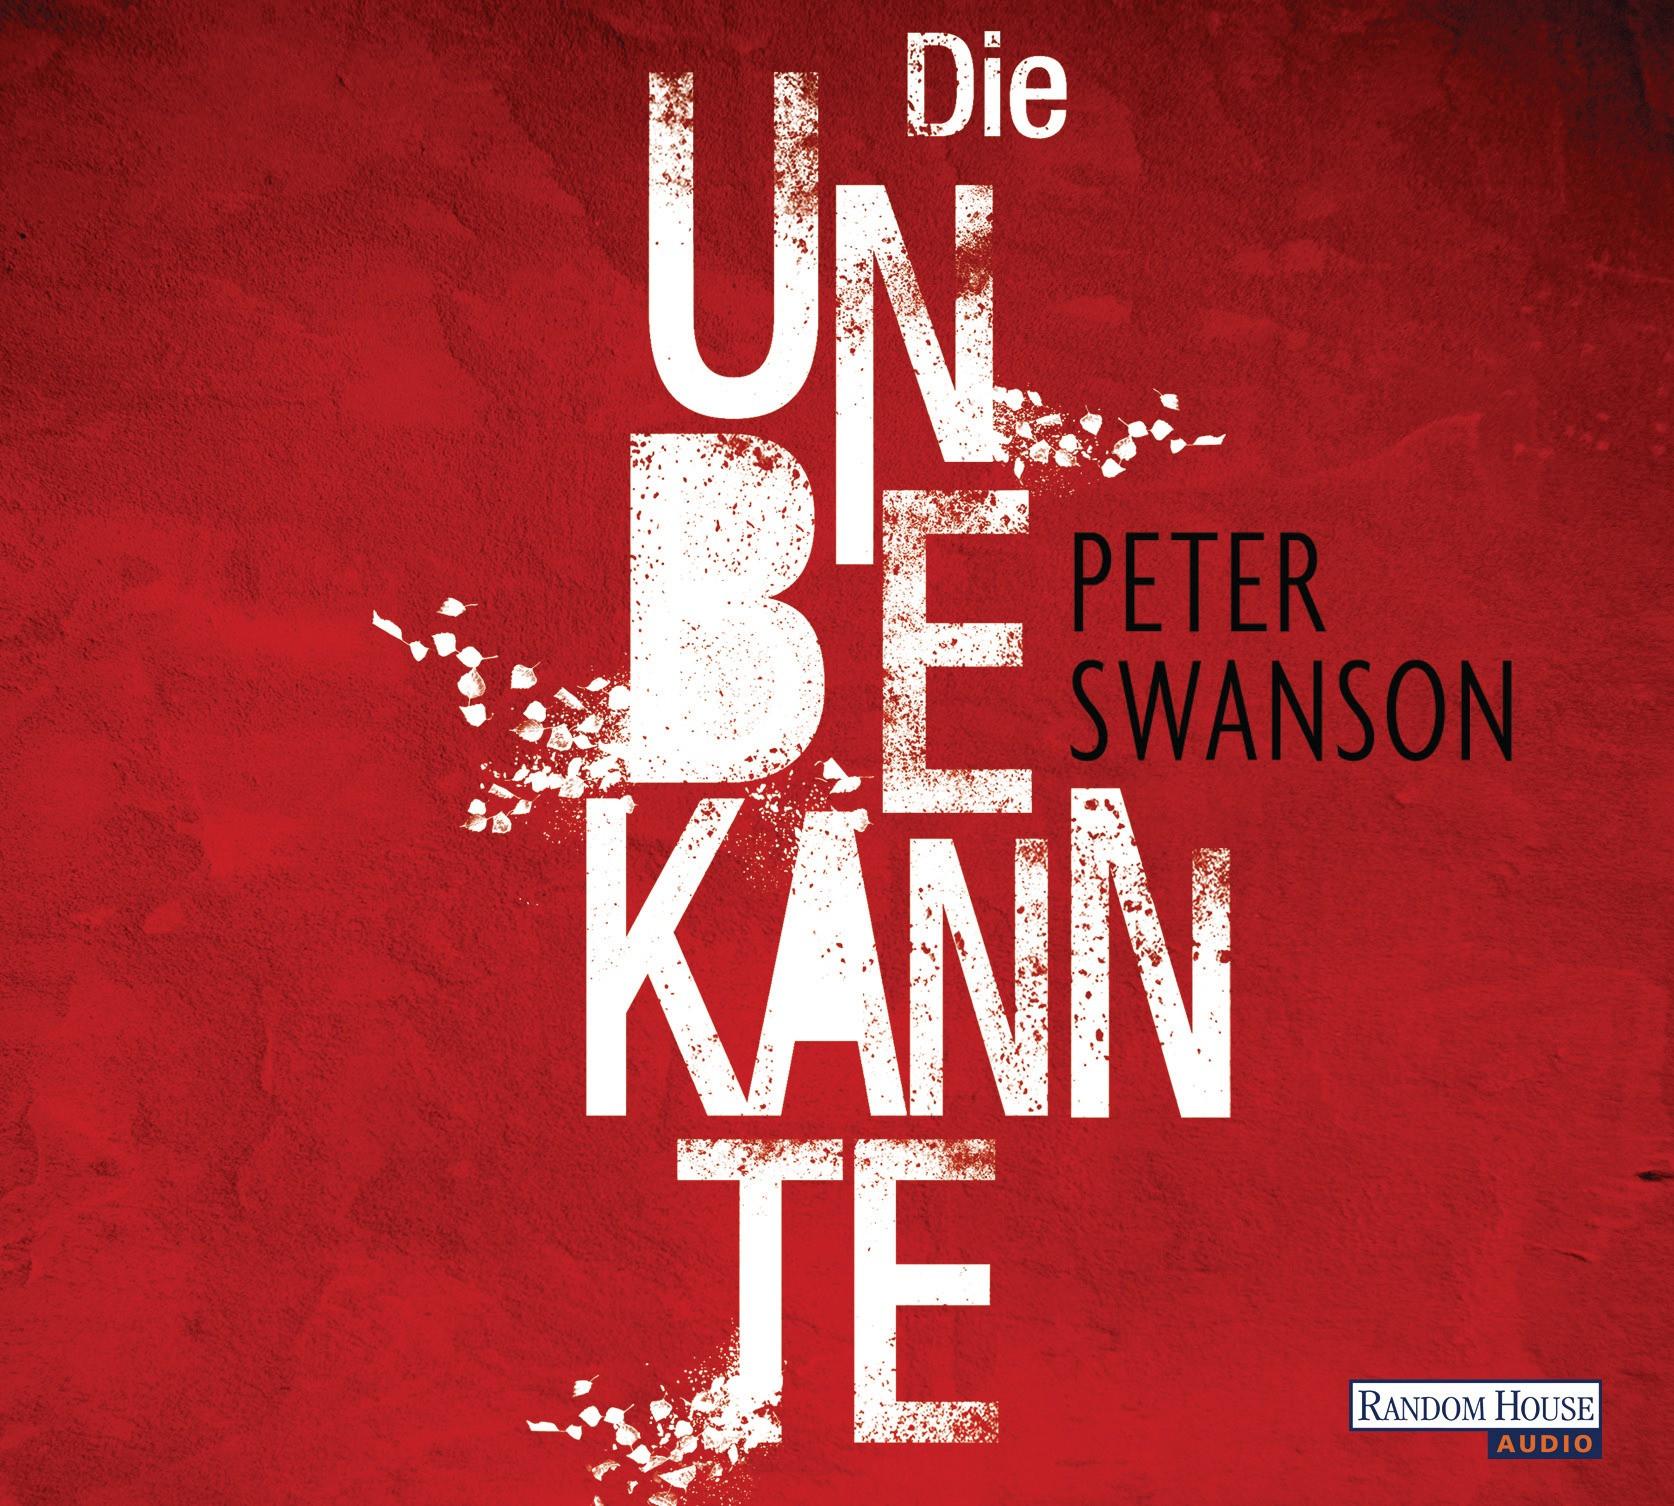 Peter Swanson - Die Unbekannte